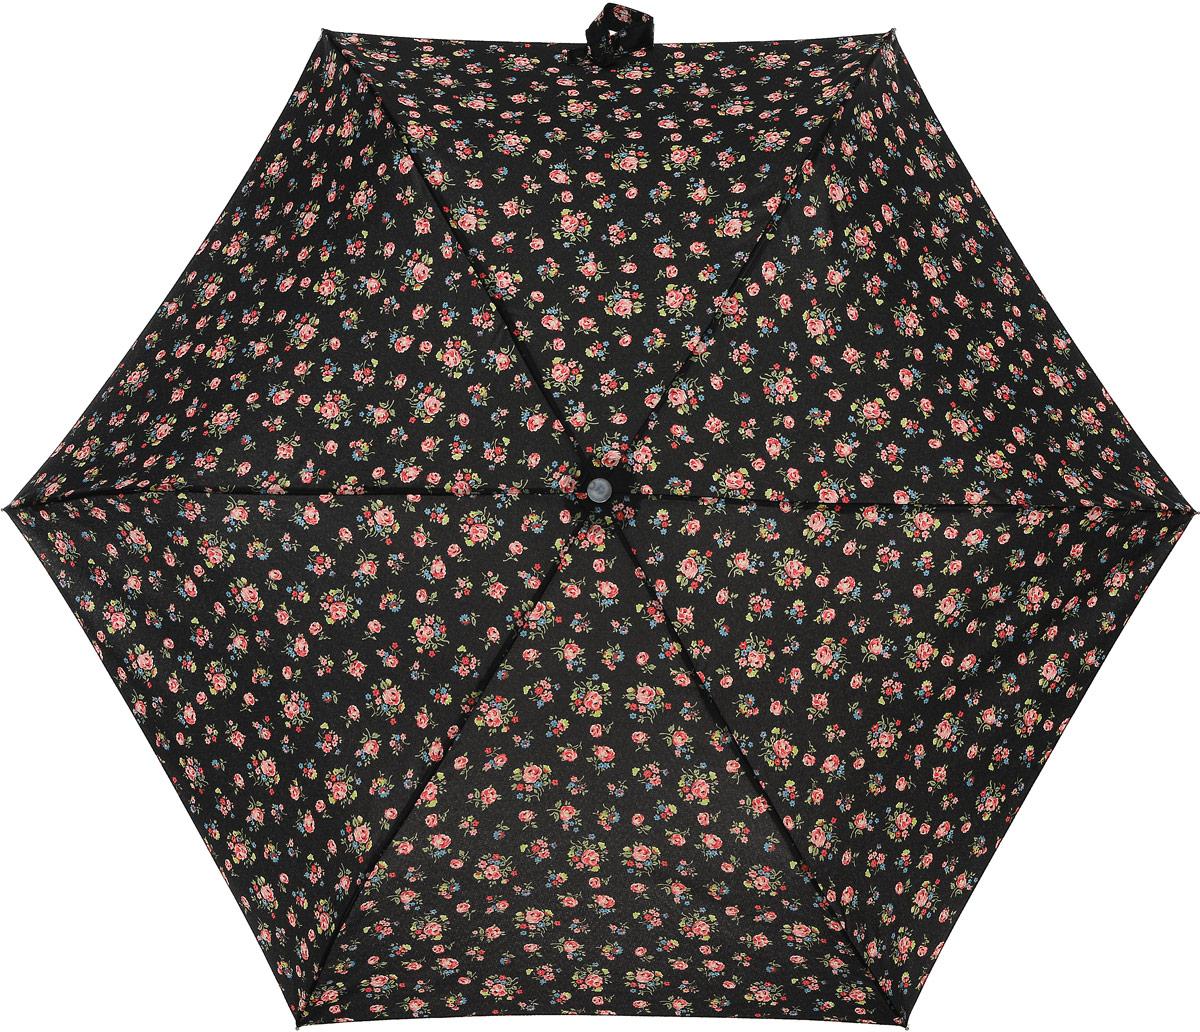 Зонт женский Cath Kidston Minilite, механический, 3 сложения, цвет: черный, мультиколор. L768-2652REM12-CAM-GREENBLACKСтильный механический зонт Cath Kidston Minilite в 3 сложения даже в ненастную погоду позволит вам оставаться элегантной. Облегченный каркас зонта выполнен из 8 спиц из фибергласса и алюминия, стержень также изготовлен из алюминия, удобная рукоятка - из пластика. Купол зонта выполнен из прочного полиэстера. В закрытом виде застегивается хлястиком на липучке. Яркий оригинальный цветочный принт поднимет настроение в дождливый день.Зонт механического сложения: купол открывается и закрывается вручную до характерного щелчка.На рукоятке для удобства есть небольшой шнурок, позволяющий надеть зонт на руку тогда, когда это будет необходимо. К зонту прилагается чехол с небольшой нашивкой с названием бренда. Oaeie зонт компактно располагается в кармане, сумочке, дверке автомобиля.